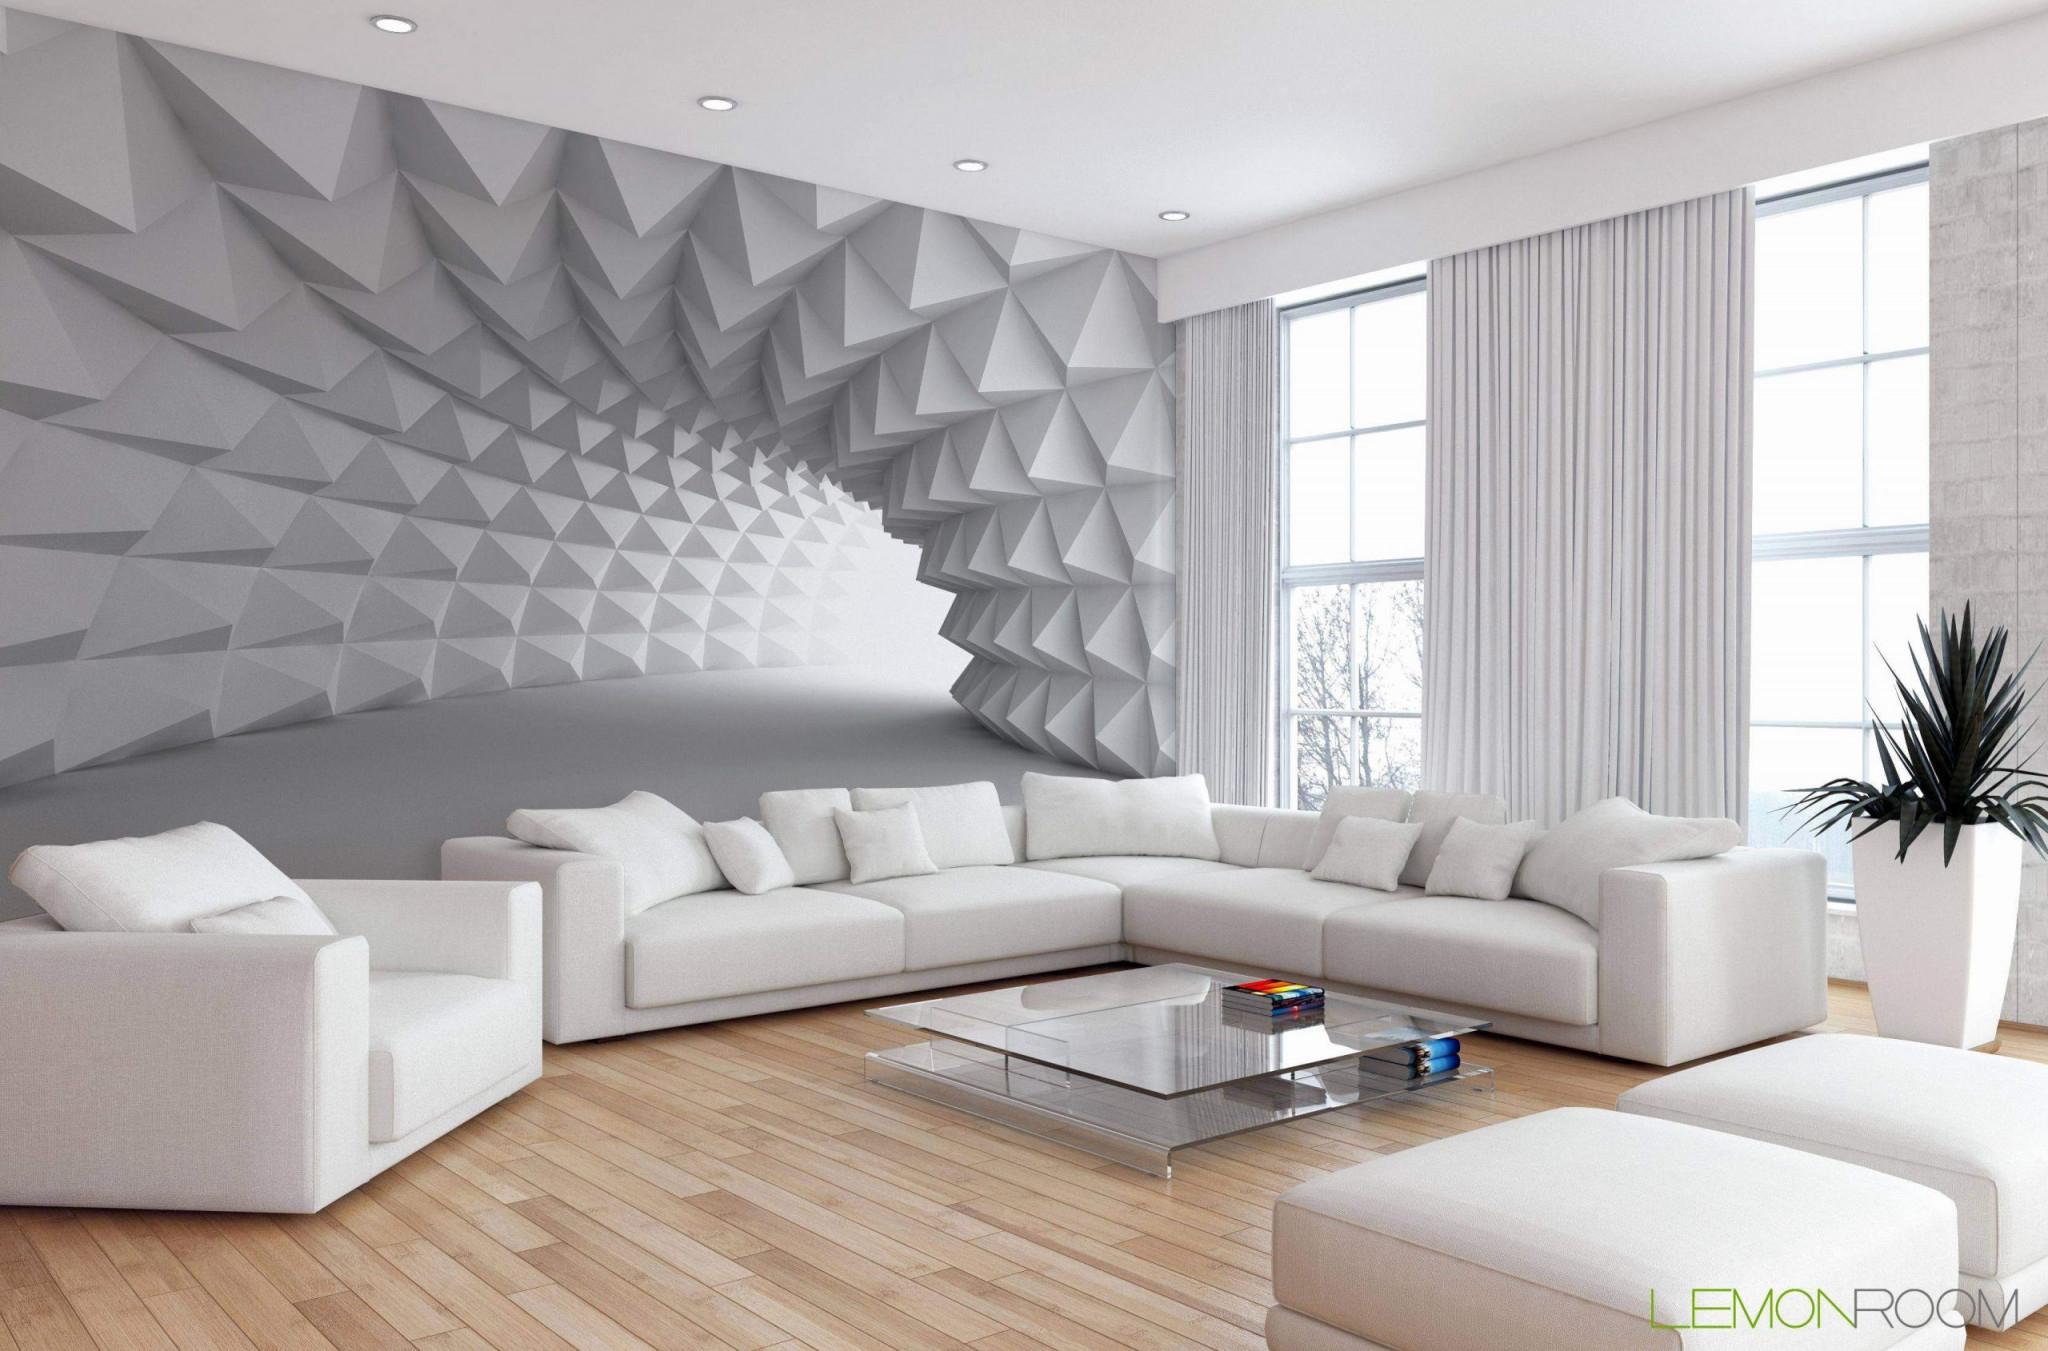 3D Tapete Wohnzimmer Einzigartig Wohnzimmer Design Tapeten von Tapeten Design Wohnzimmer Photo